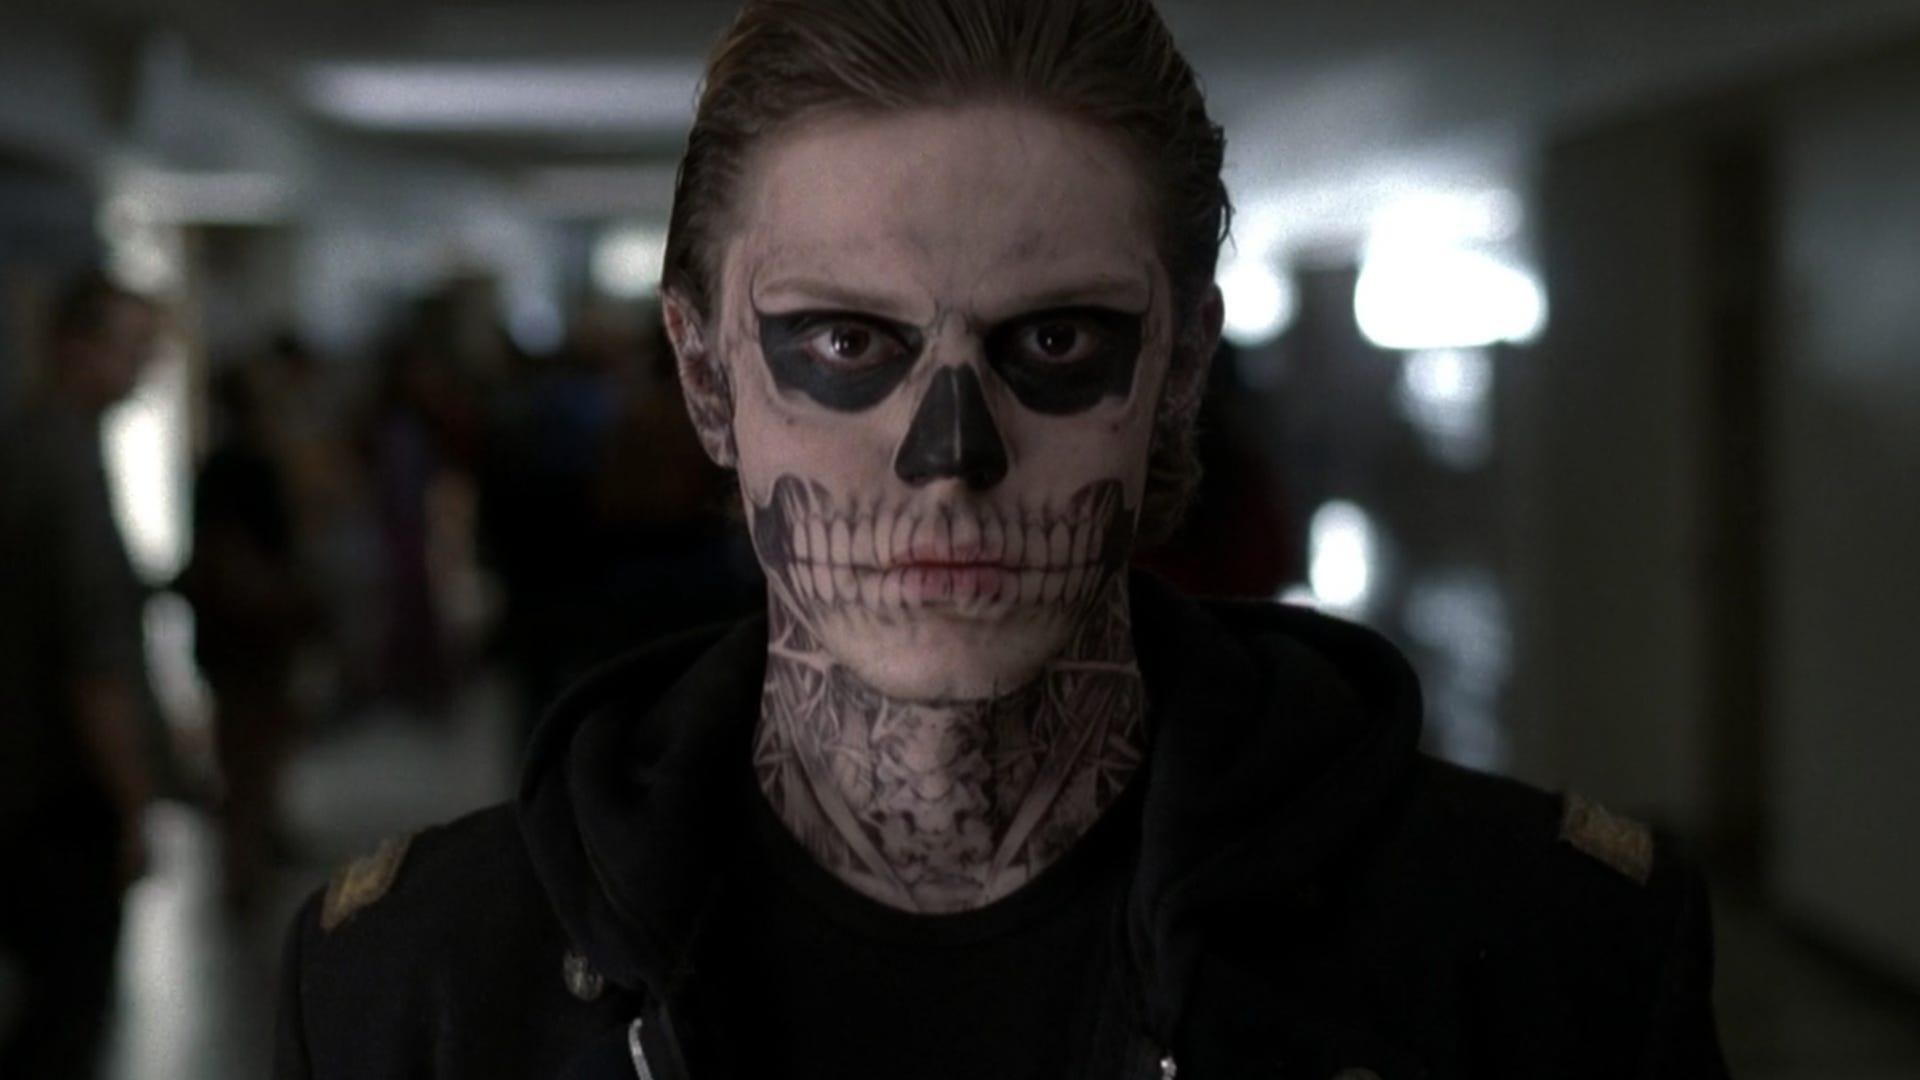 Evan Peters, American Horror Story: Murder House